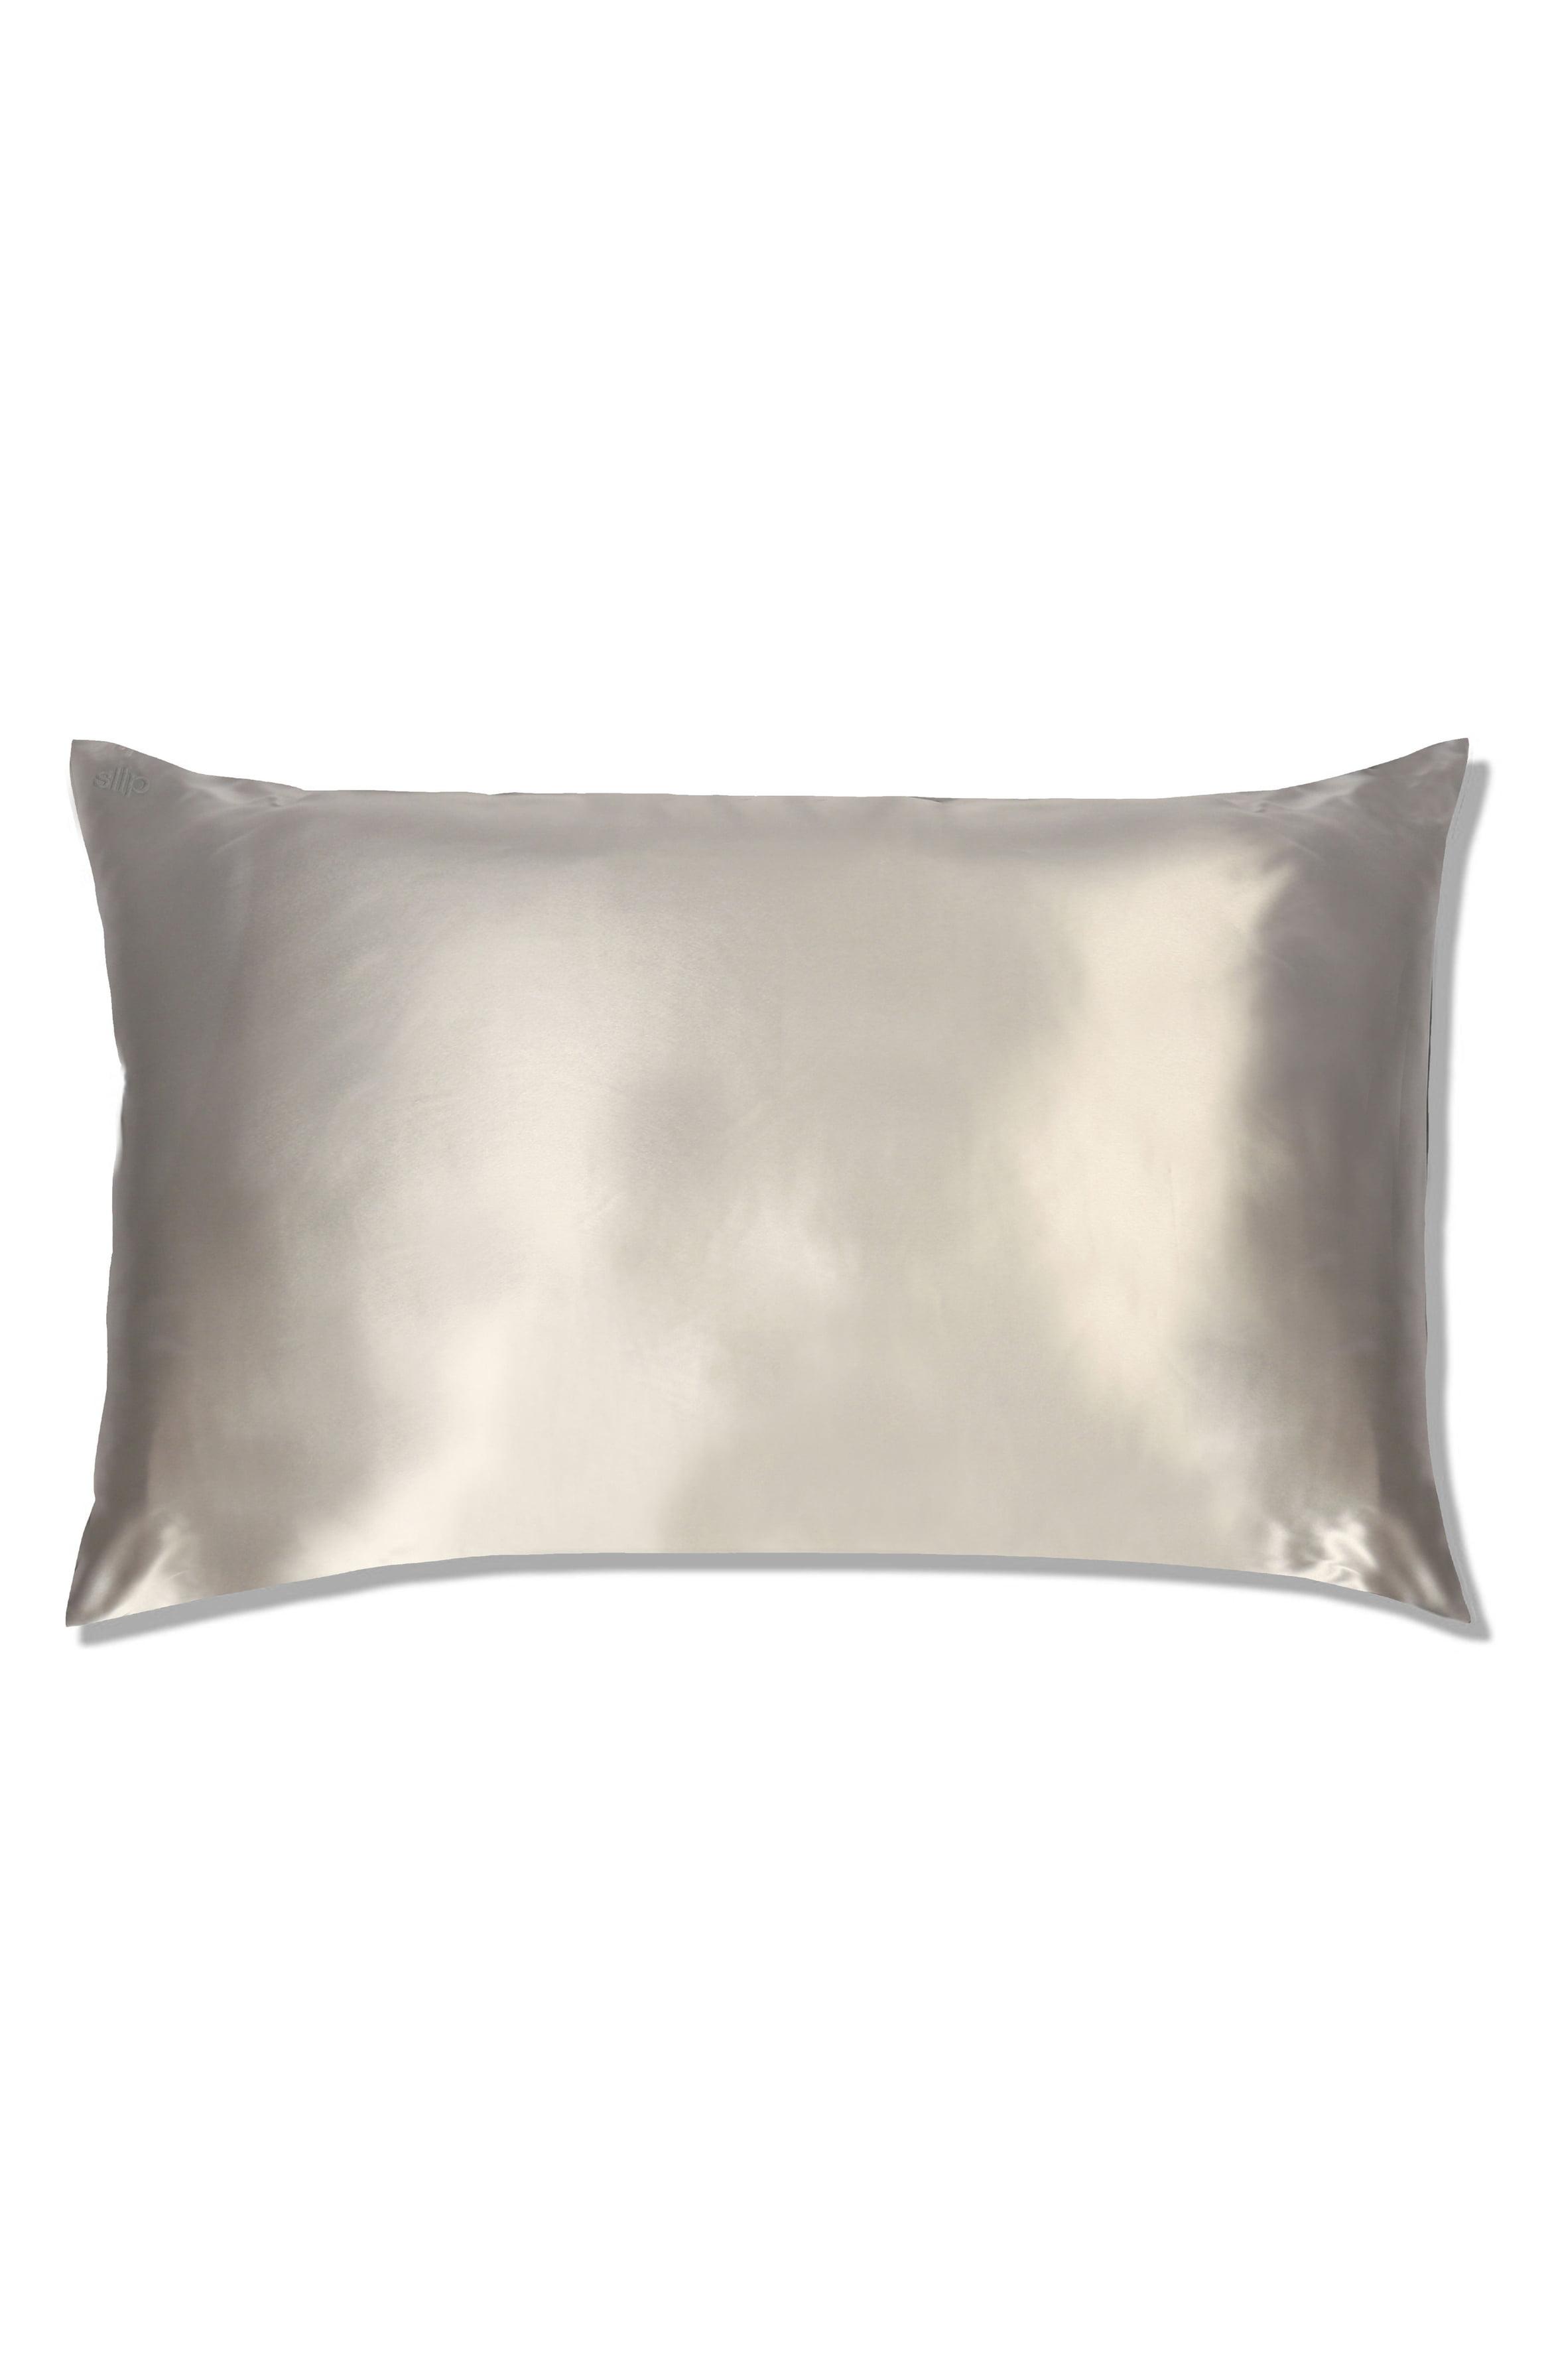 pillow case.jpeg